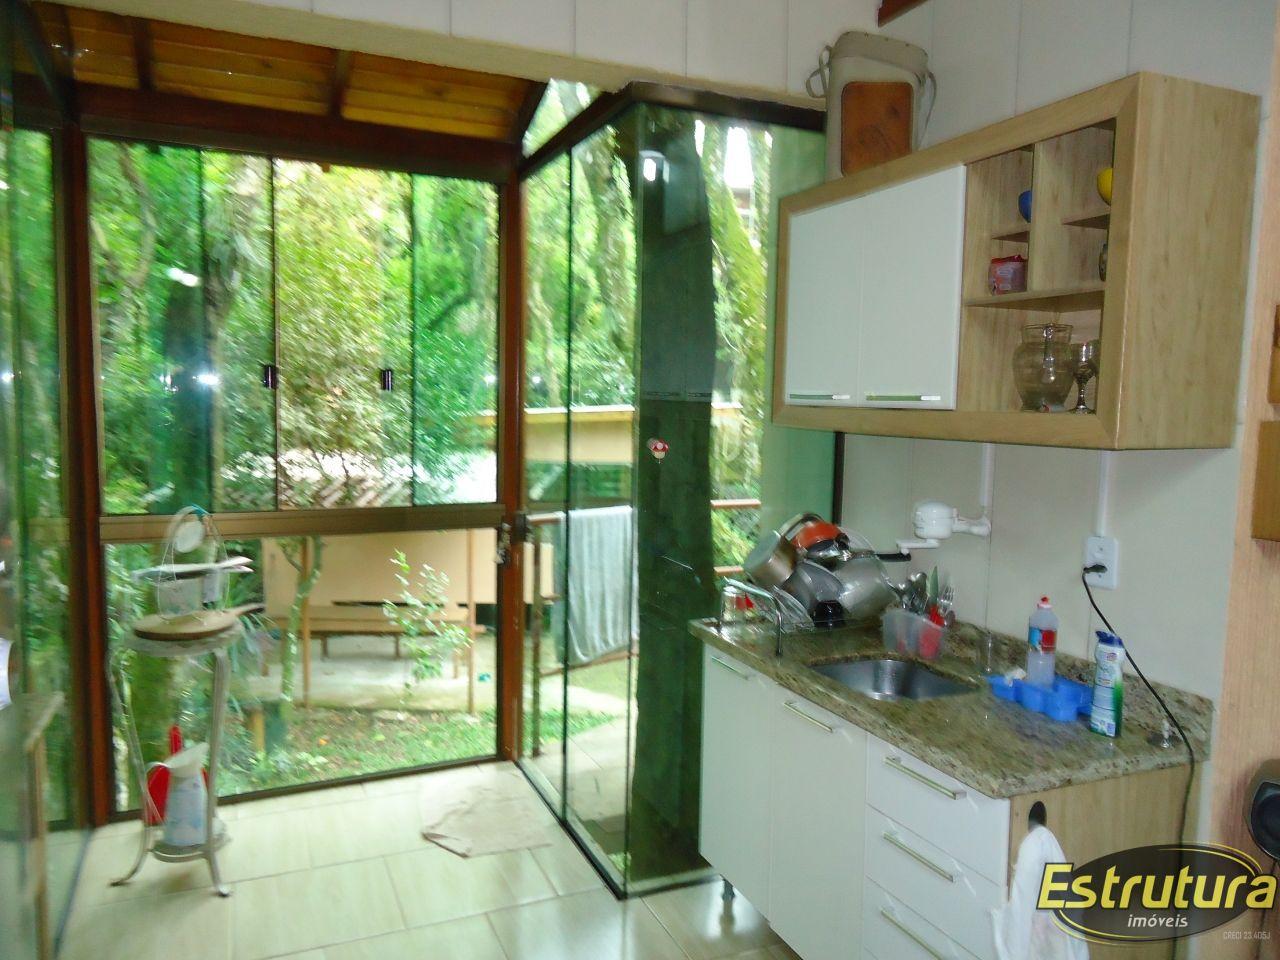 Casa com 4 Dormitórios à venda, 140 m² por R$ 320.000,00